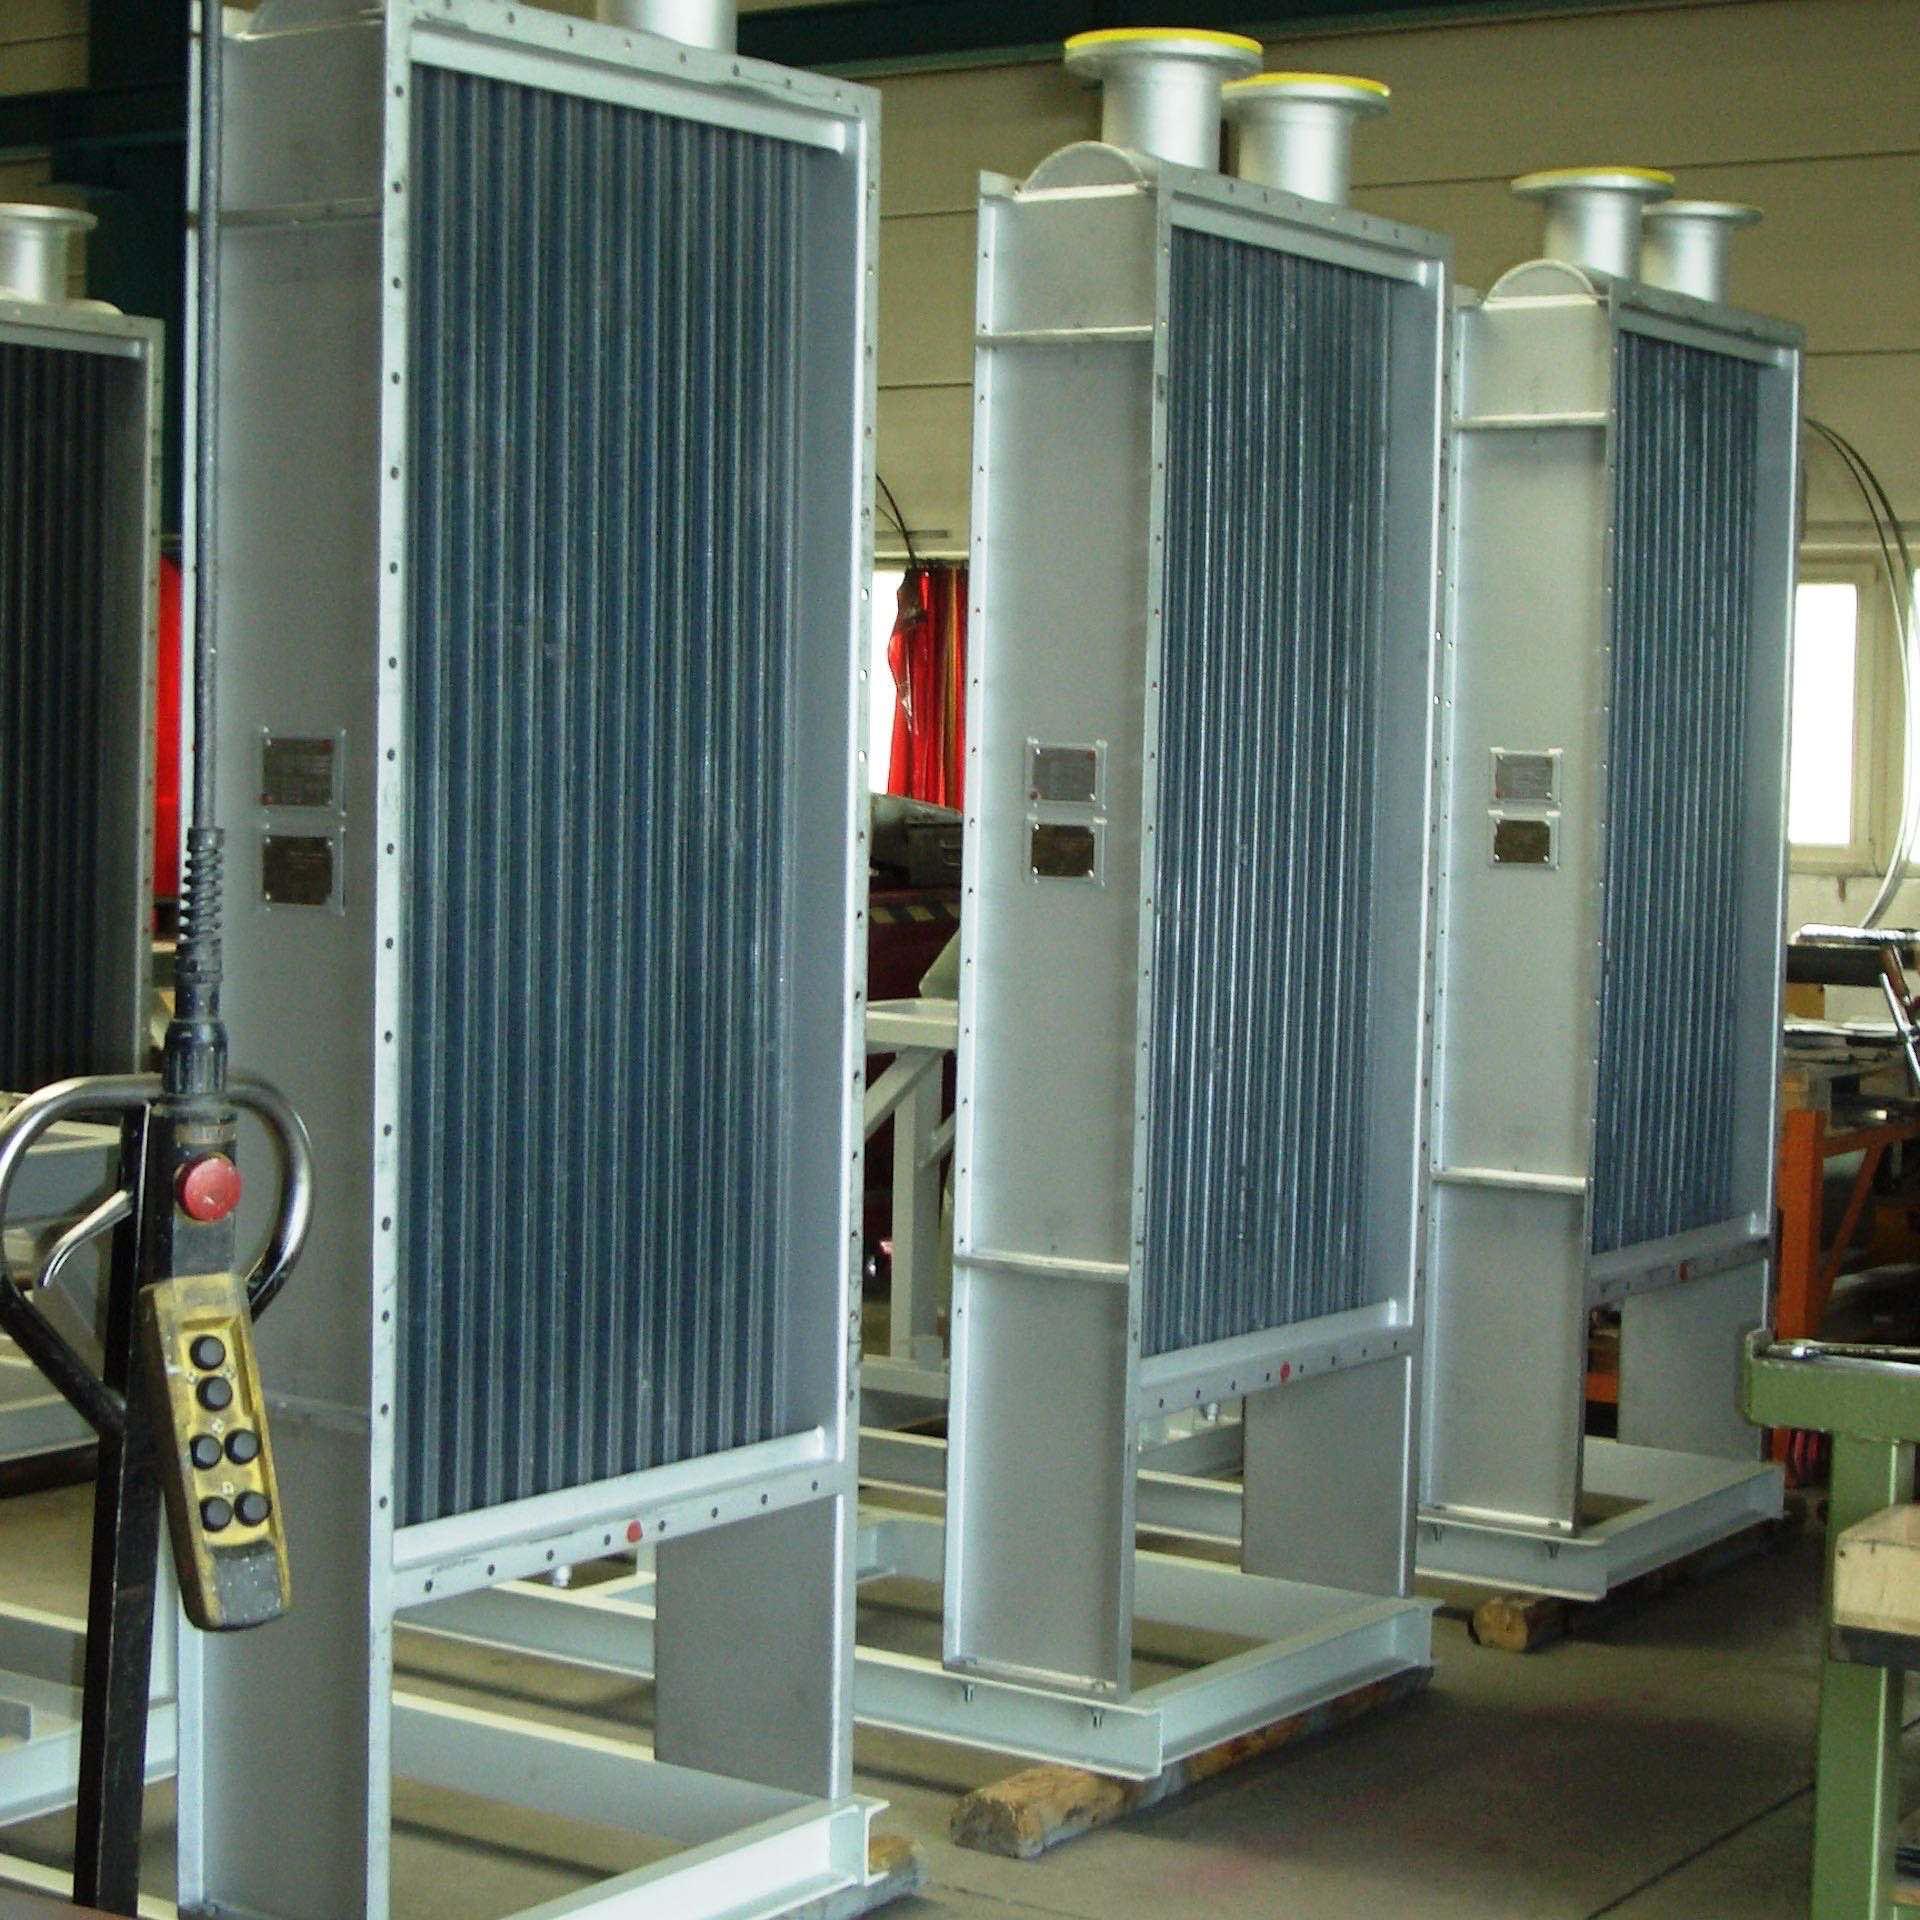 GWA_heat_exchanger_air_heater_and_air_cooler_carbon_steel_elliptical_steel_galvanized_tubes_and_extended_sidewalls_Gesellschaft_fuer_Waerme_und_Anlagentechnik_mbH